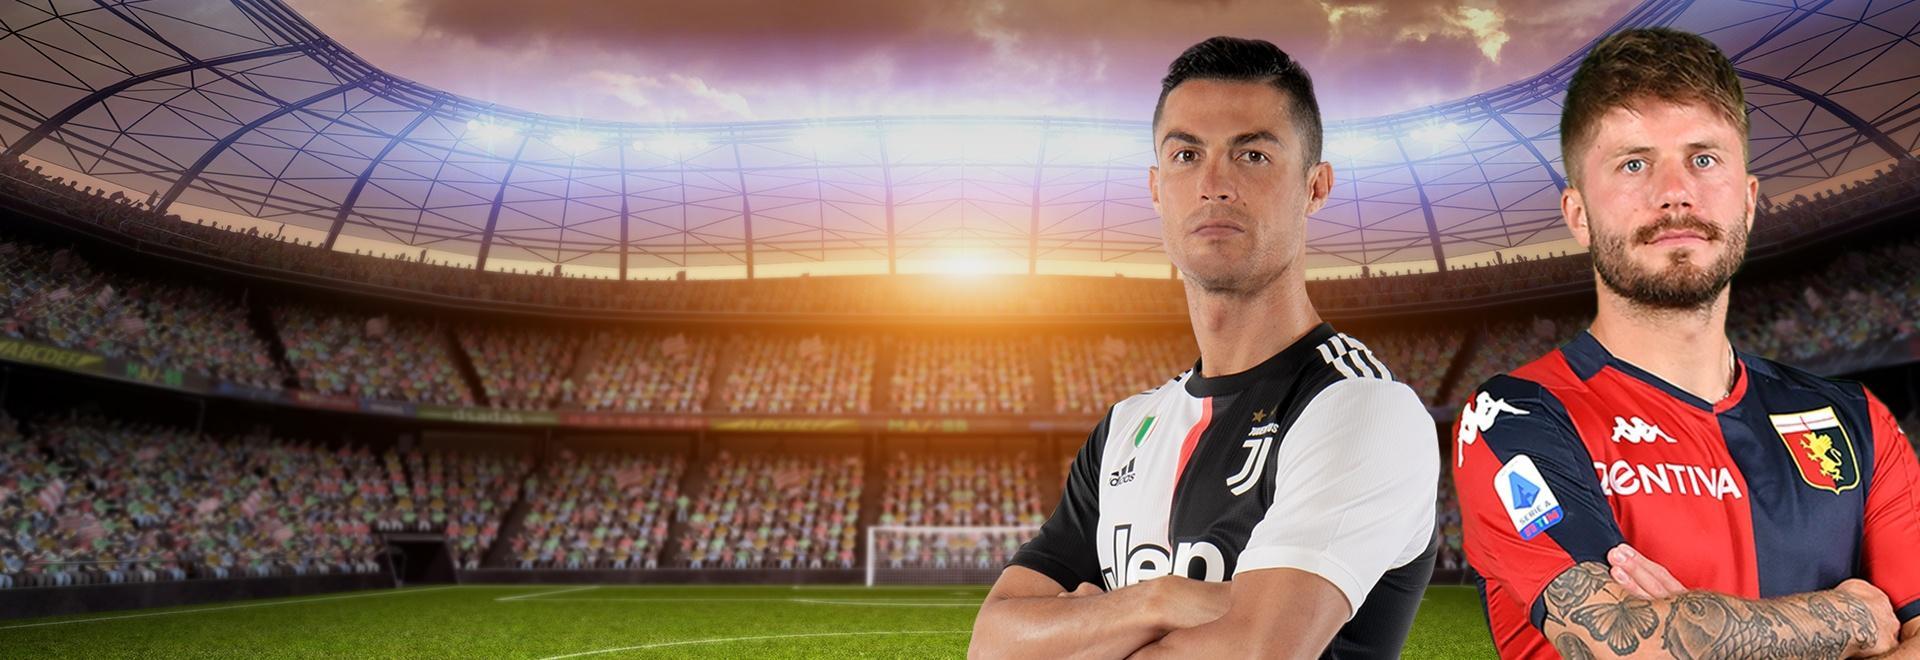 Juventus - Genoa. 10a g.